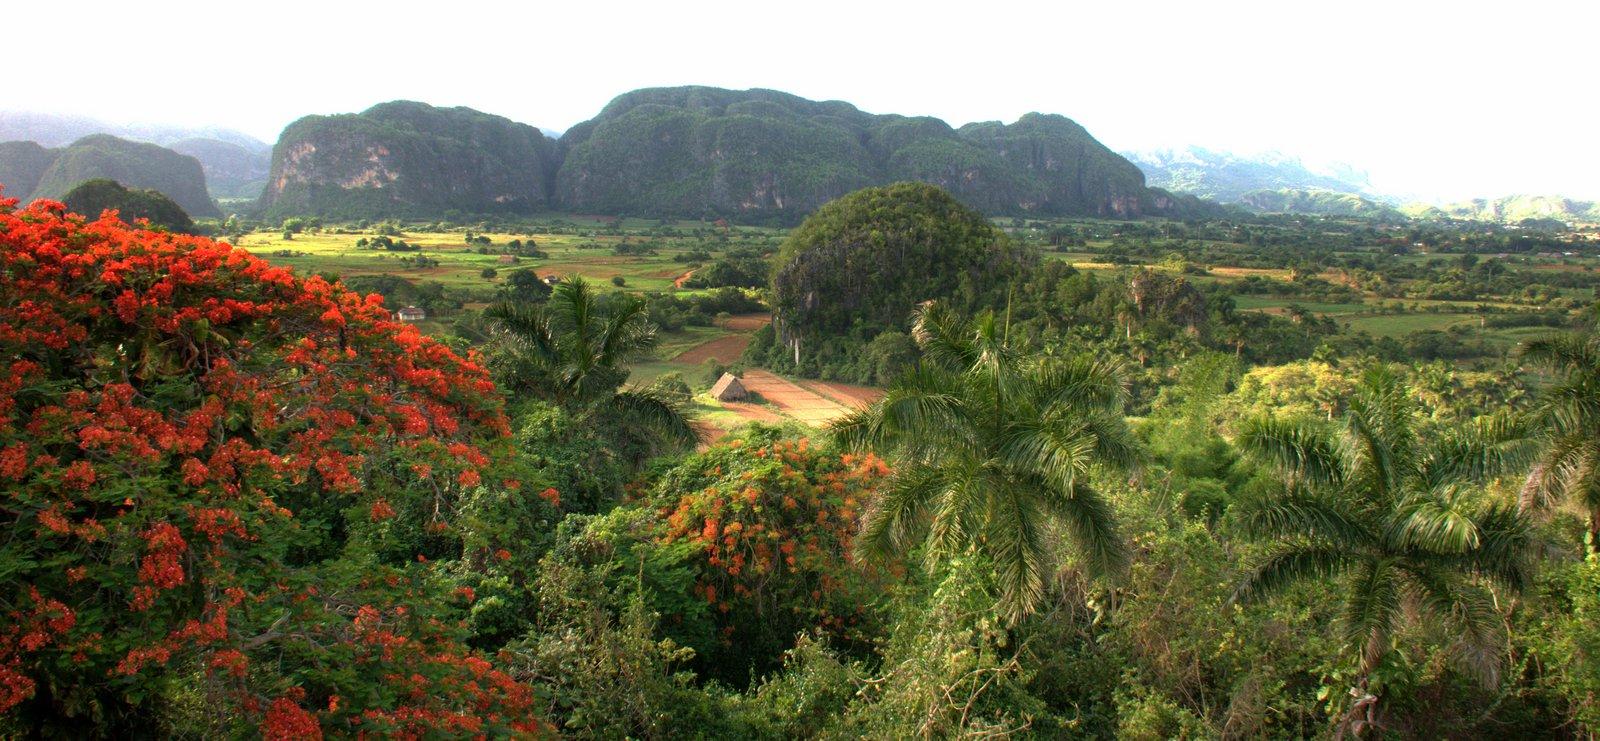 Pinar del Rio